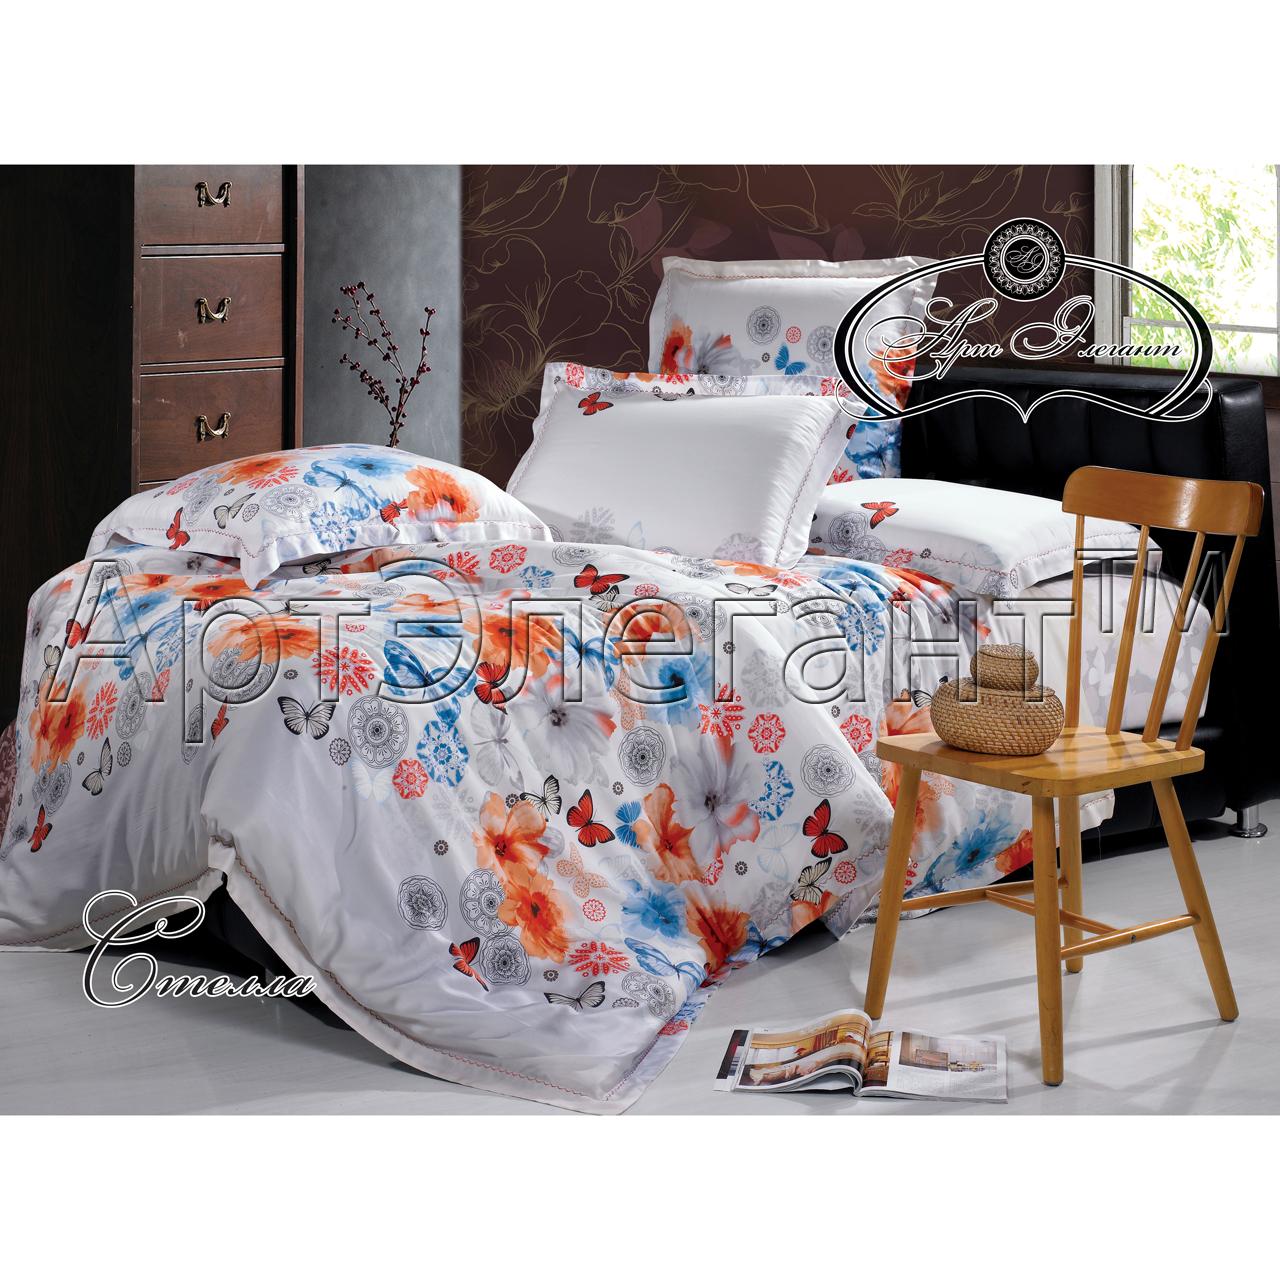 Комплект  Стелла , размер 2,0-спальный с 4 наволочками - Постельное белье артикул: 10788